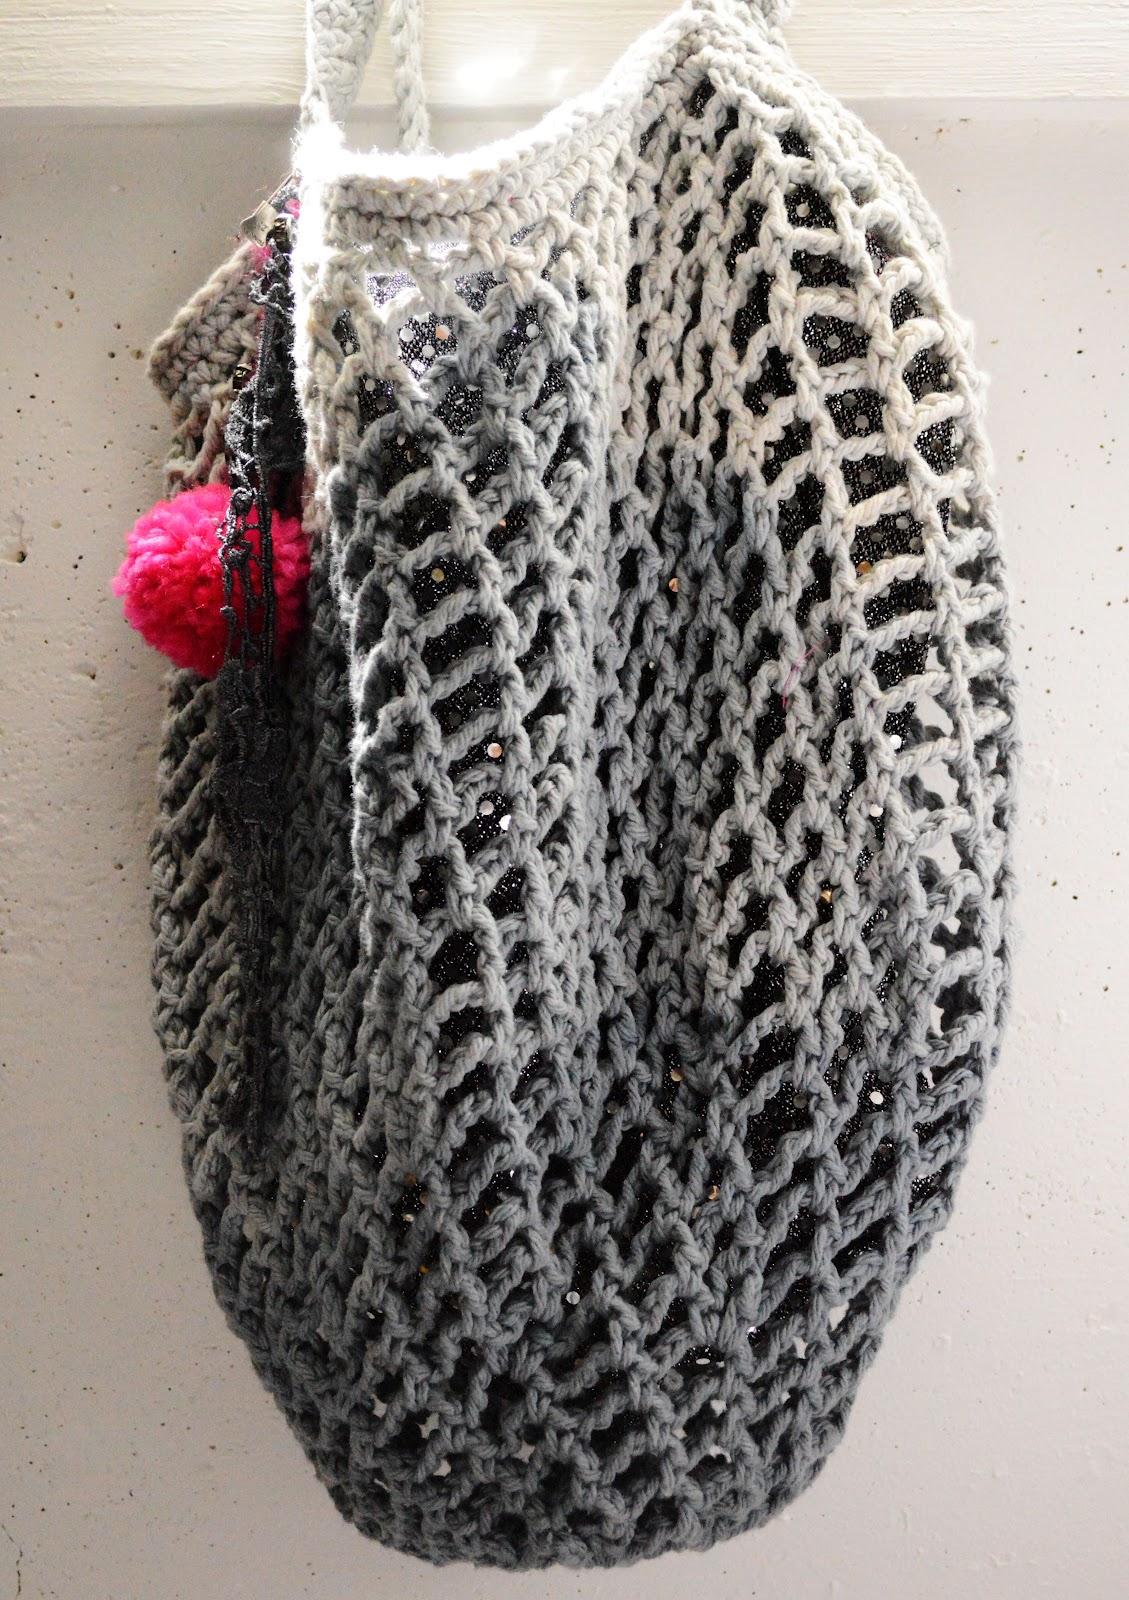 Maize Hutton: Crochet a Free People-like Bag